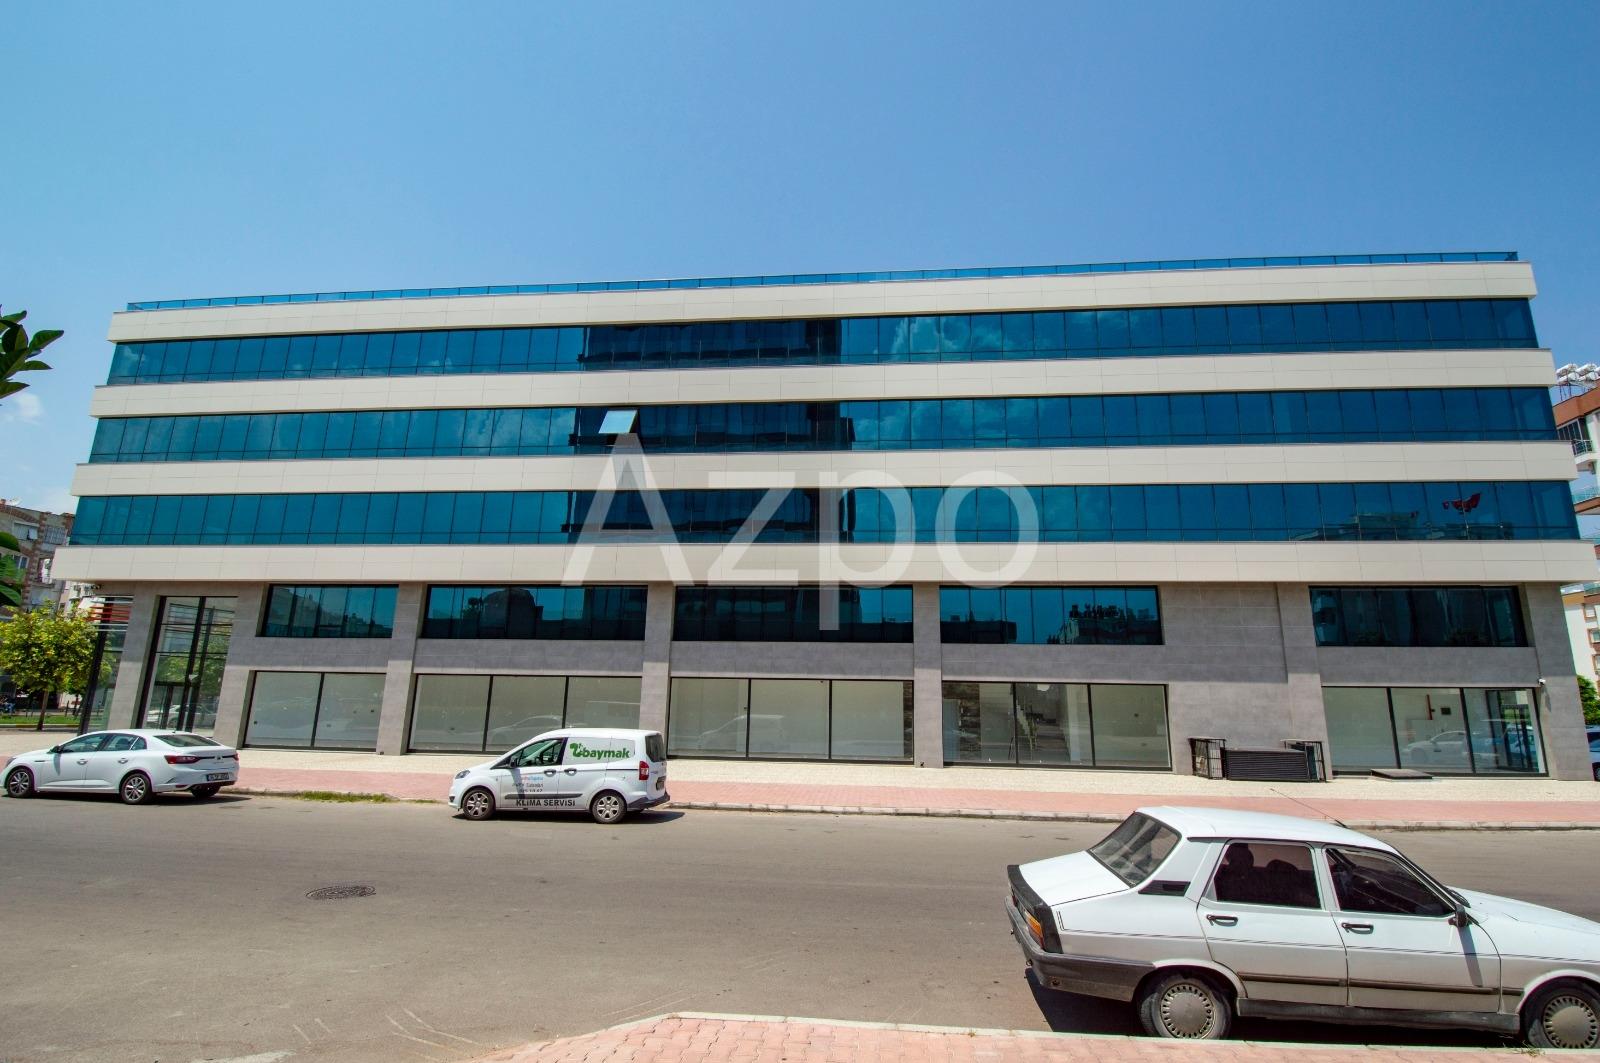 Коммерческие помещения на продажу Анталья - Фото 1